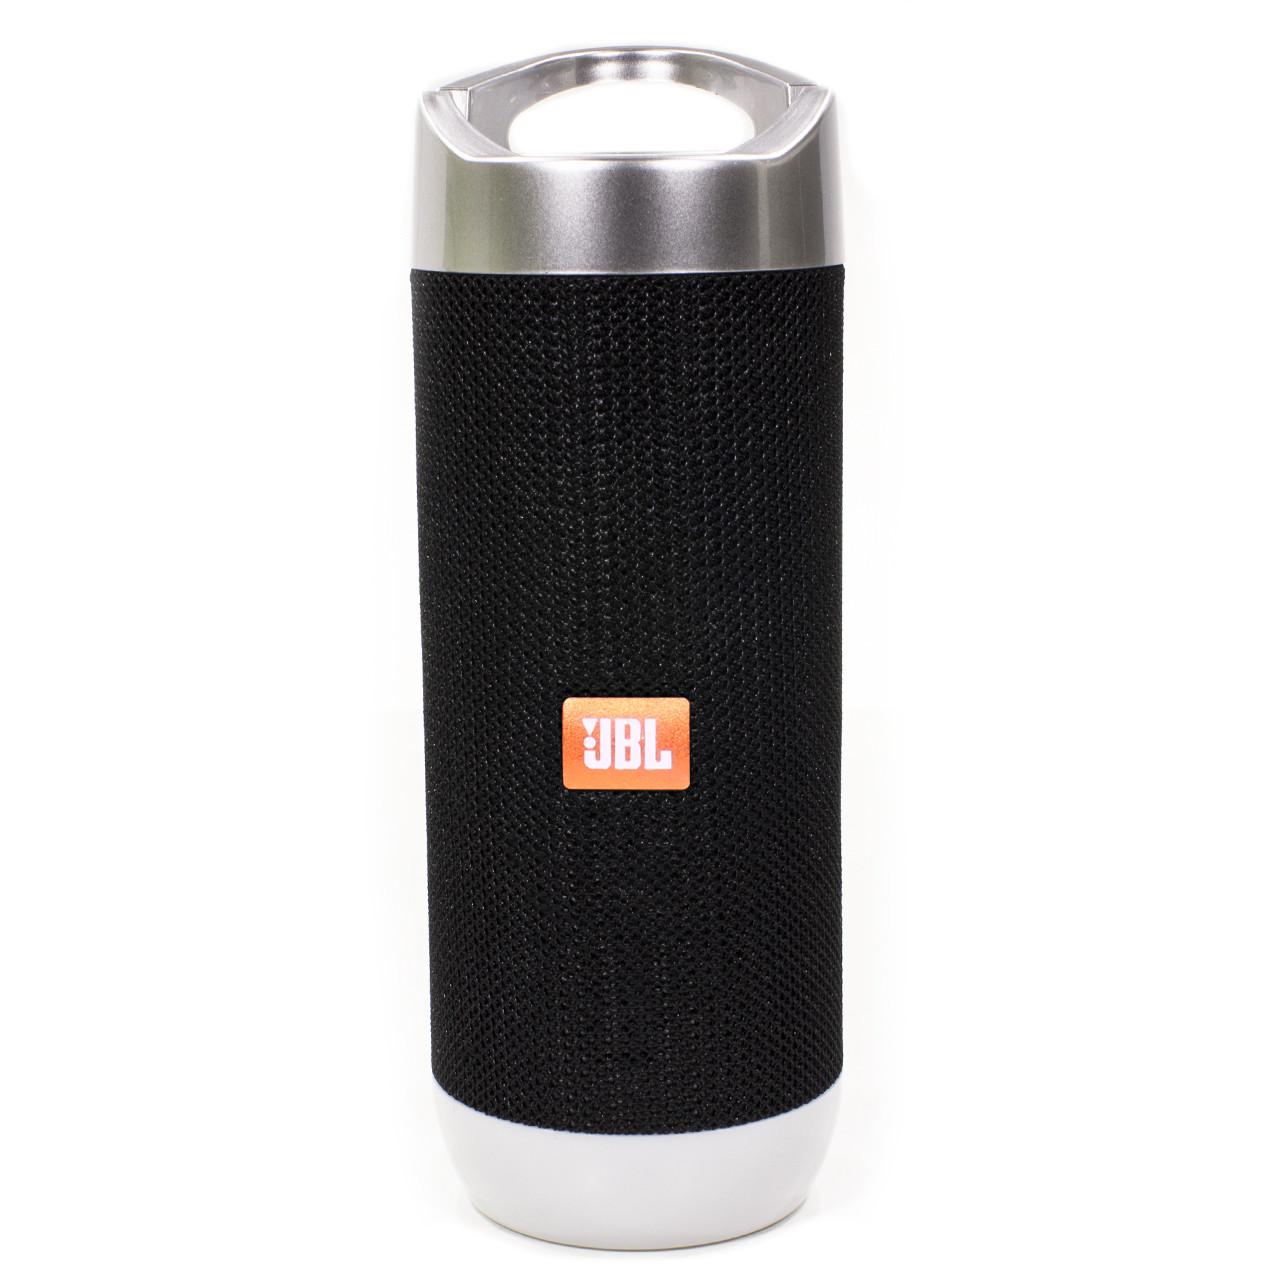 ✸Колонка BL JBL X95 Black компактная для прослушивания музыки bluetooth громкая связь bluetooth 4.2 - Фактория - персональная техника в Киеве